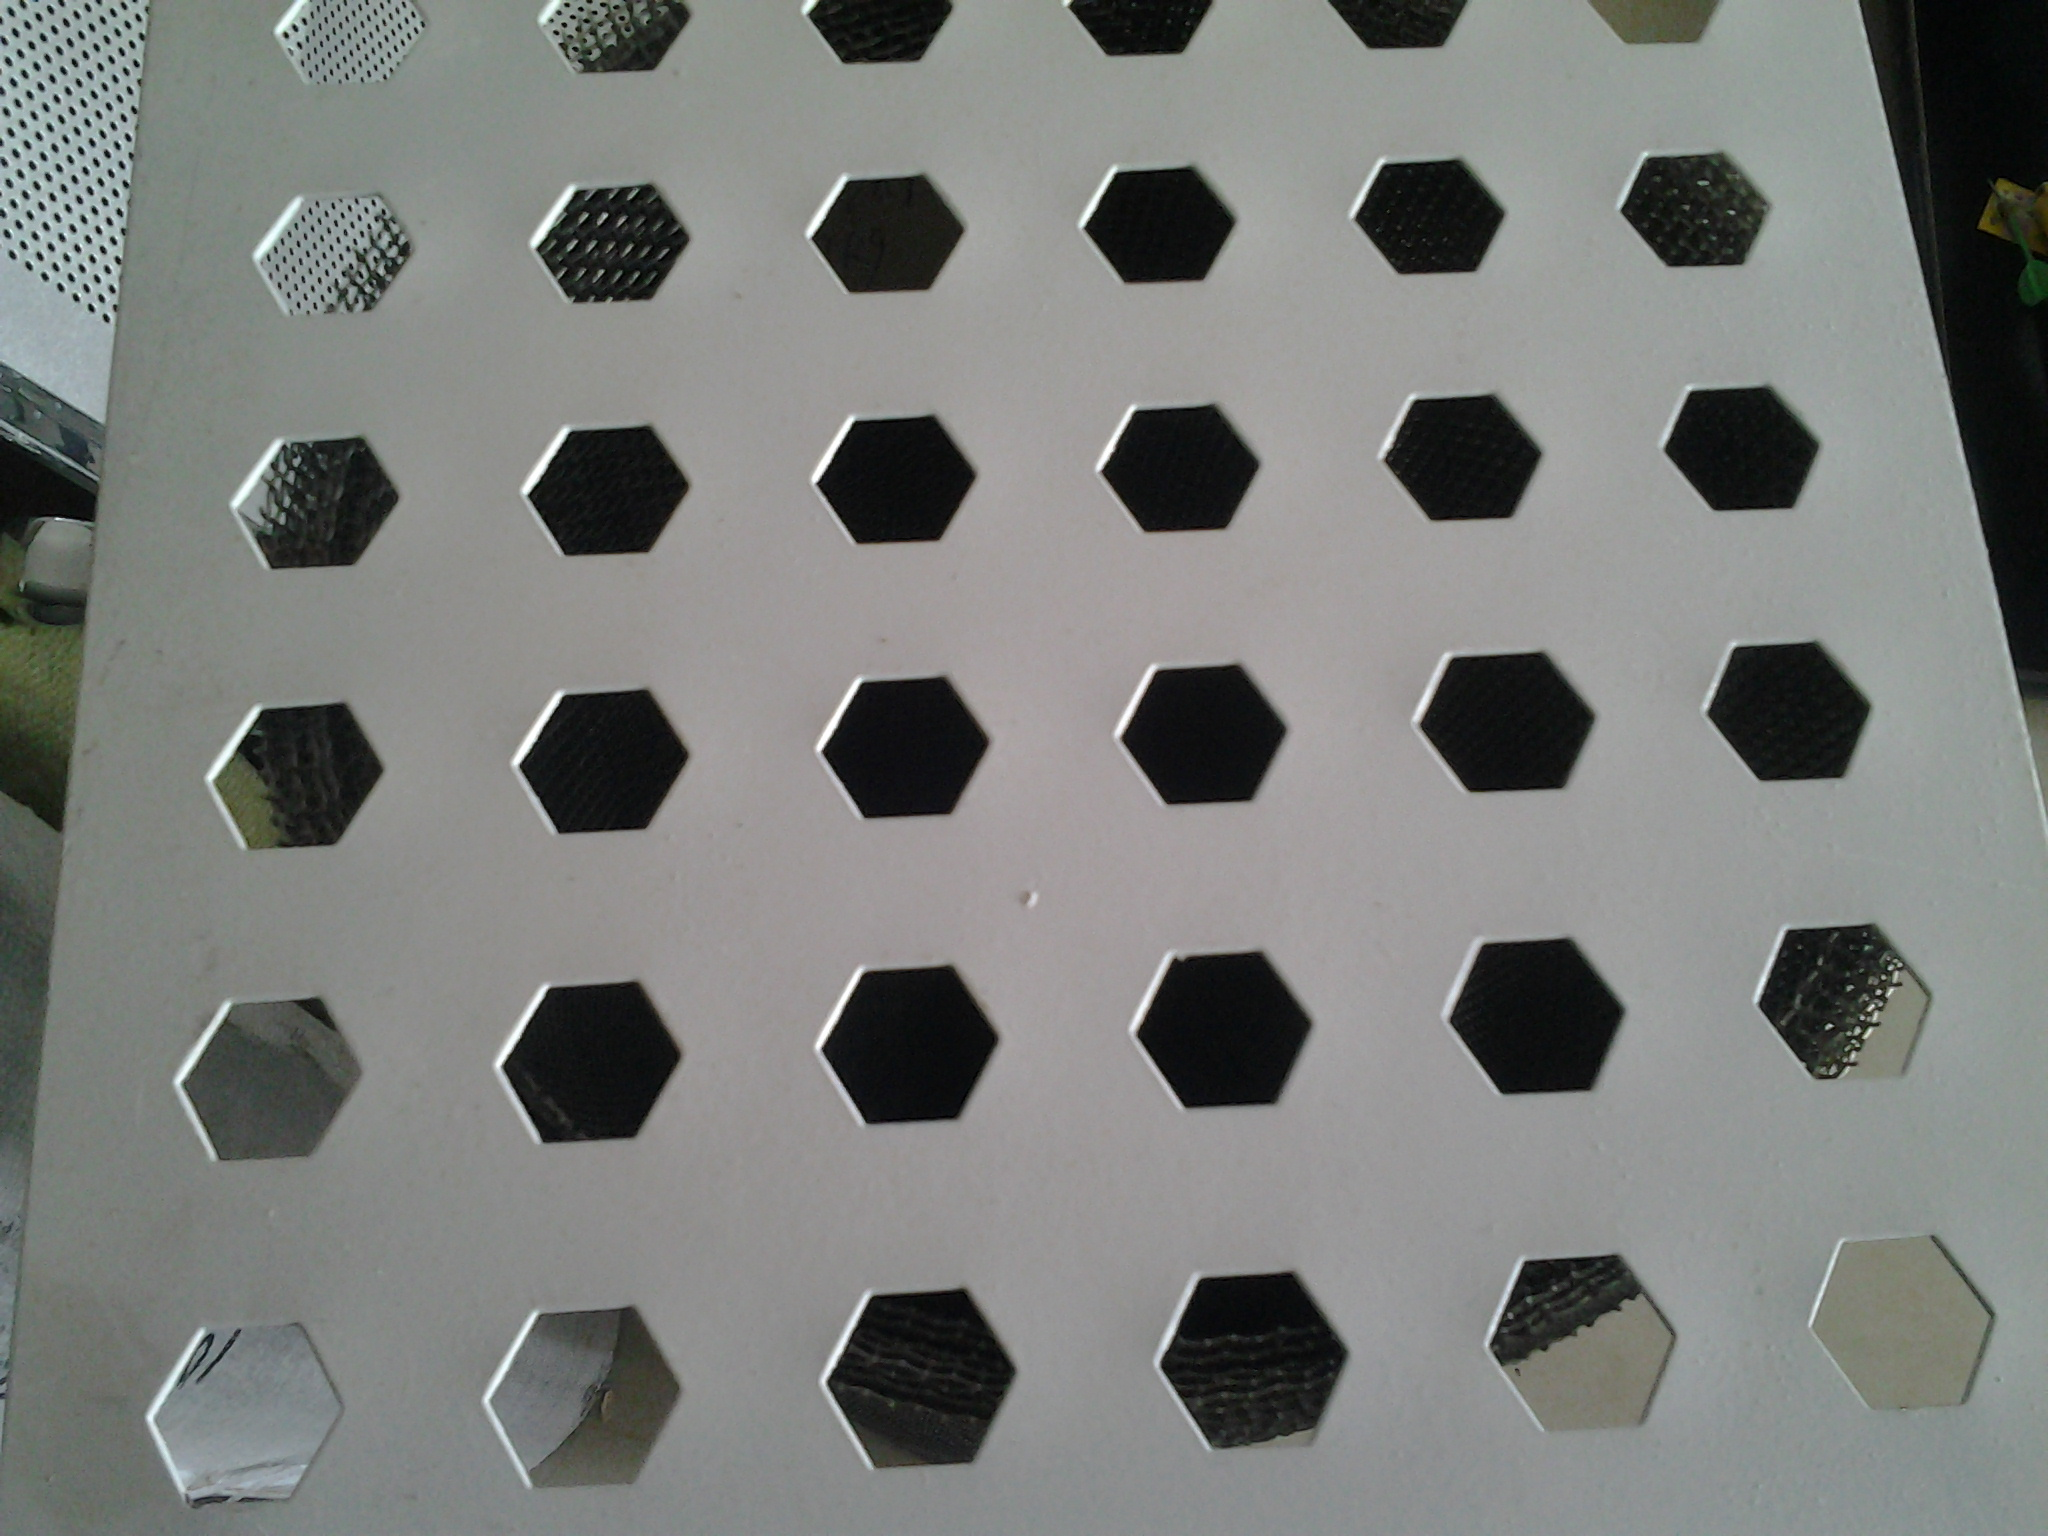 нержавеющая сталь 304 шестиугольник бить сети оцинкованной стали бить сети круглое отверстие дыра Совет планшет сито